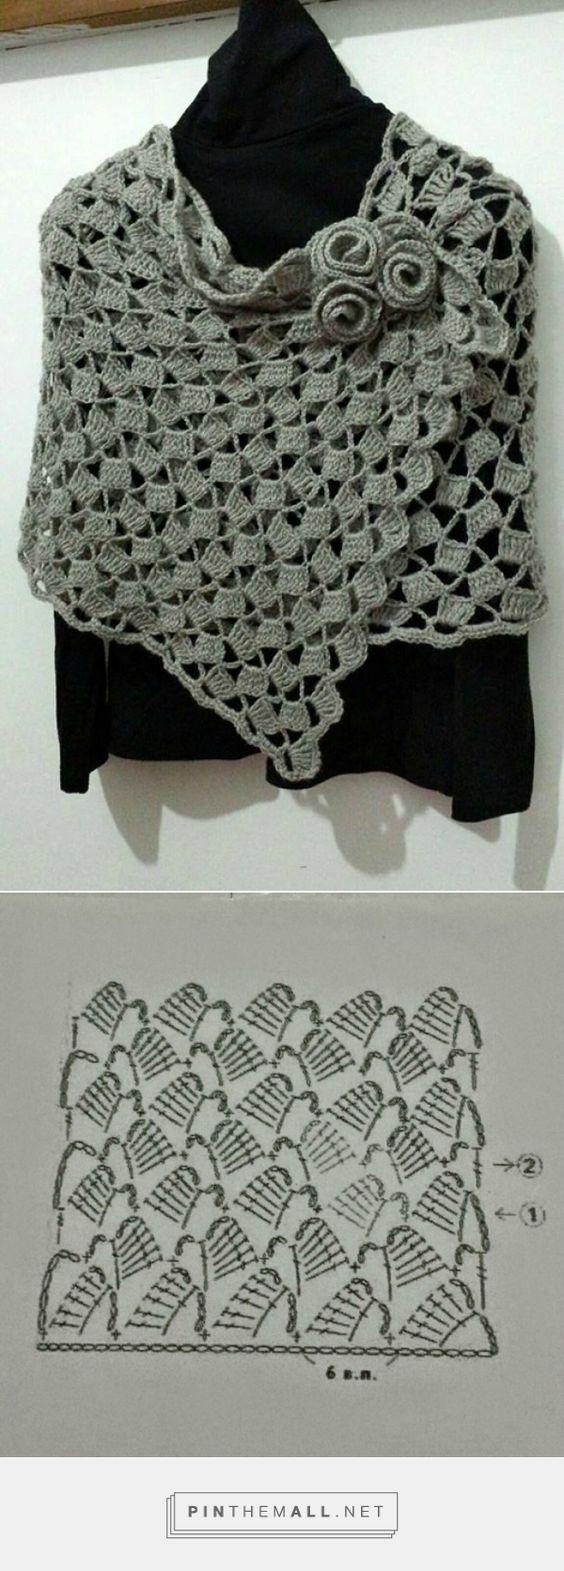 Crochet un châle droit - la Grenouille tricote - created via http://pinthemall.net